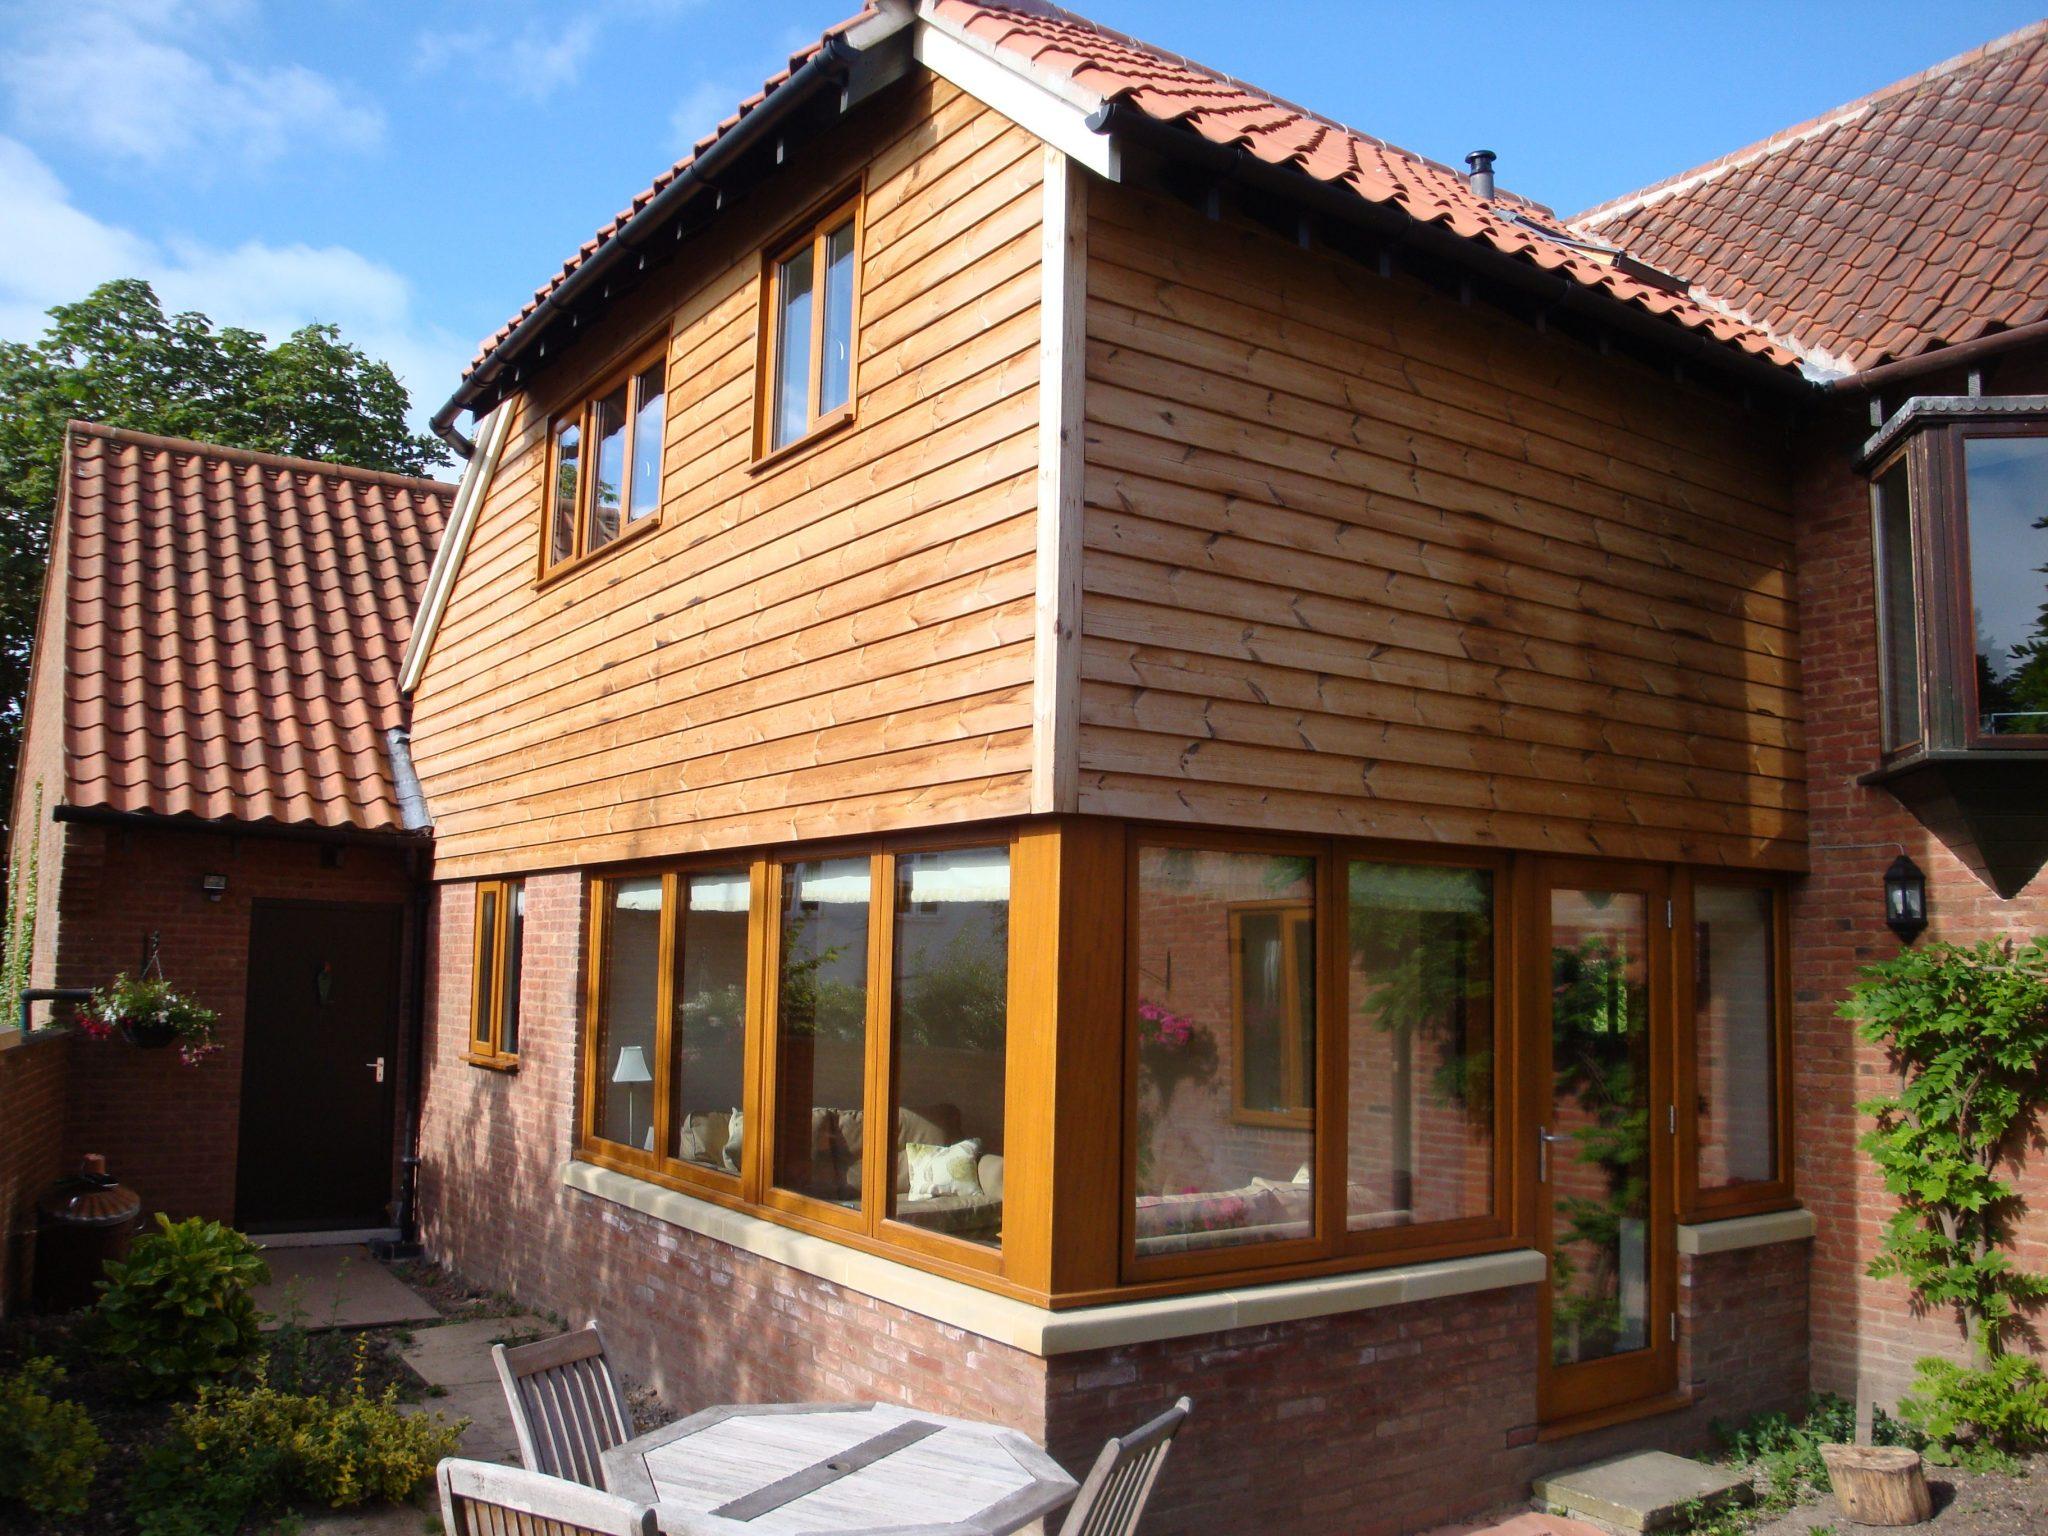 Timber-windowd